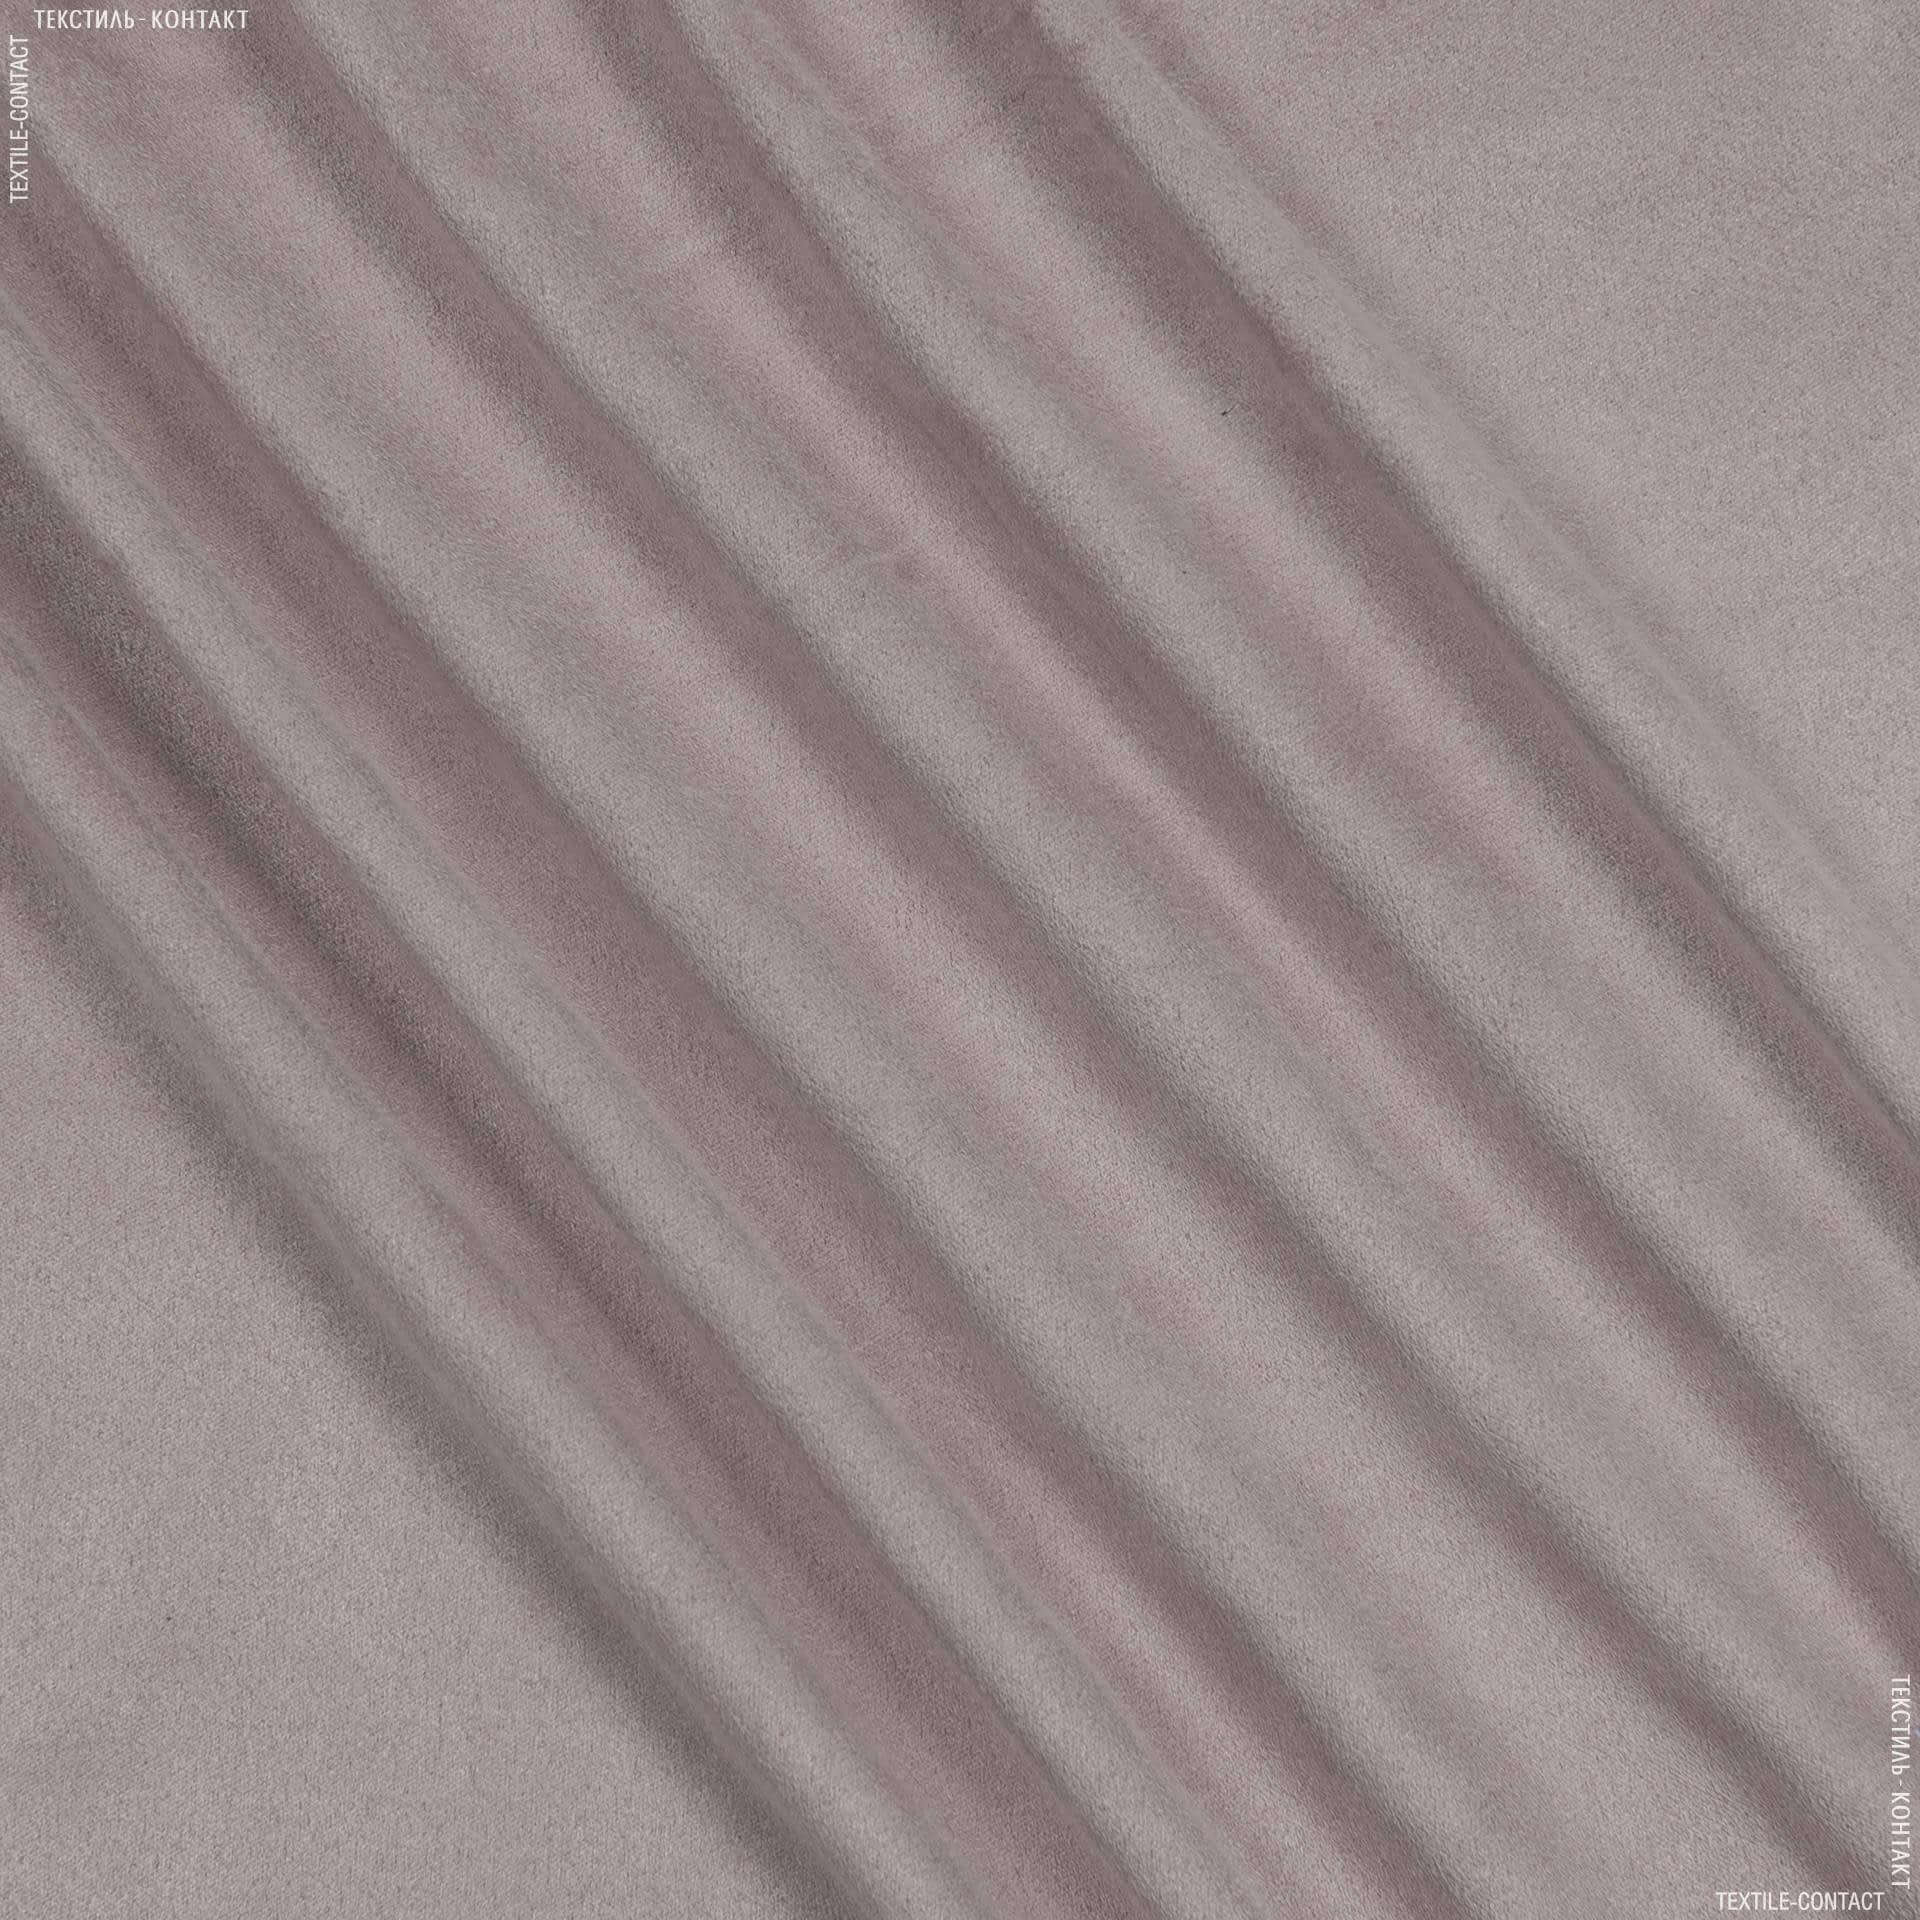 Ткани для брюк - Замша стрейч двухсторонняя фрезовый